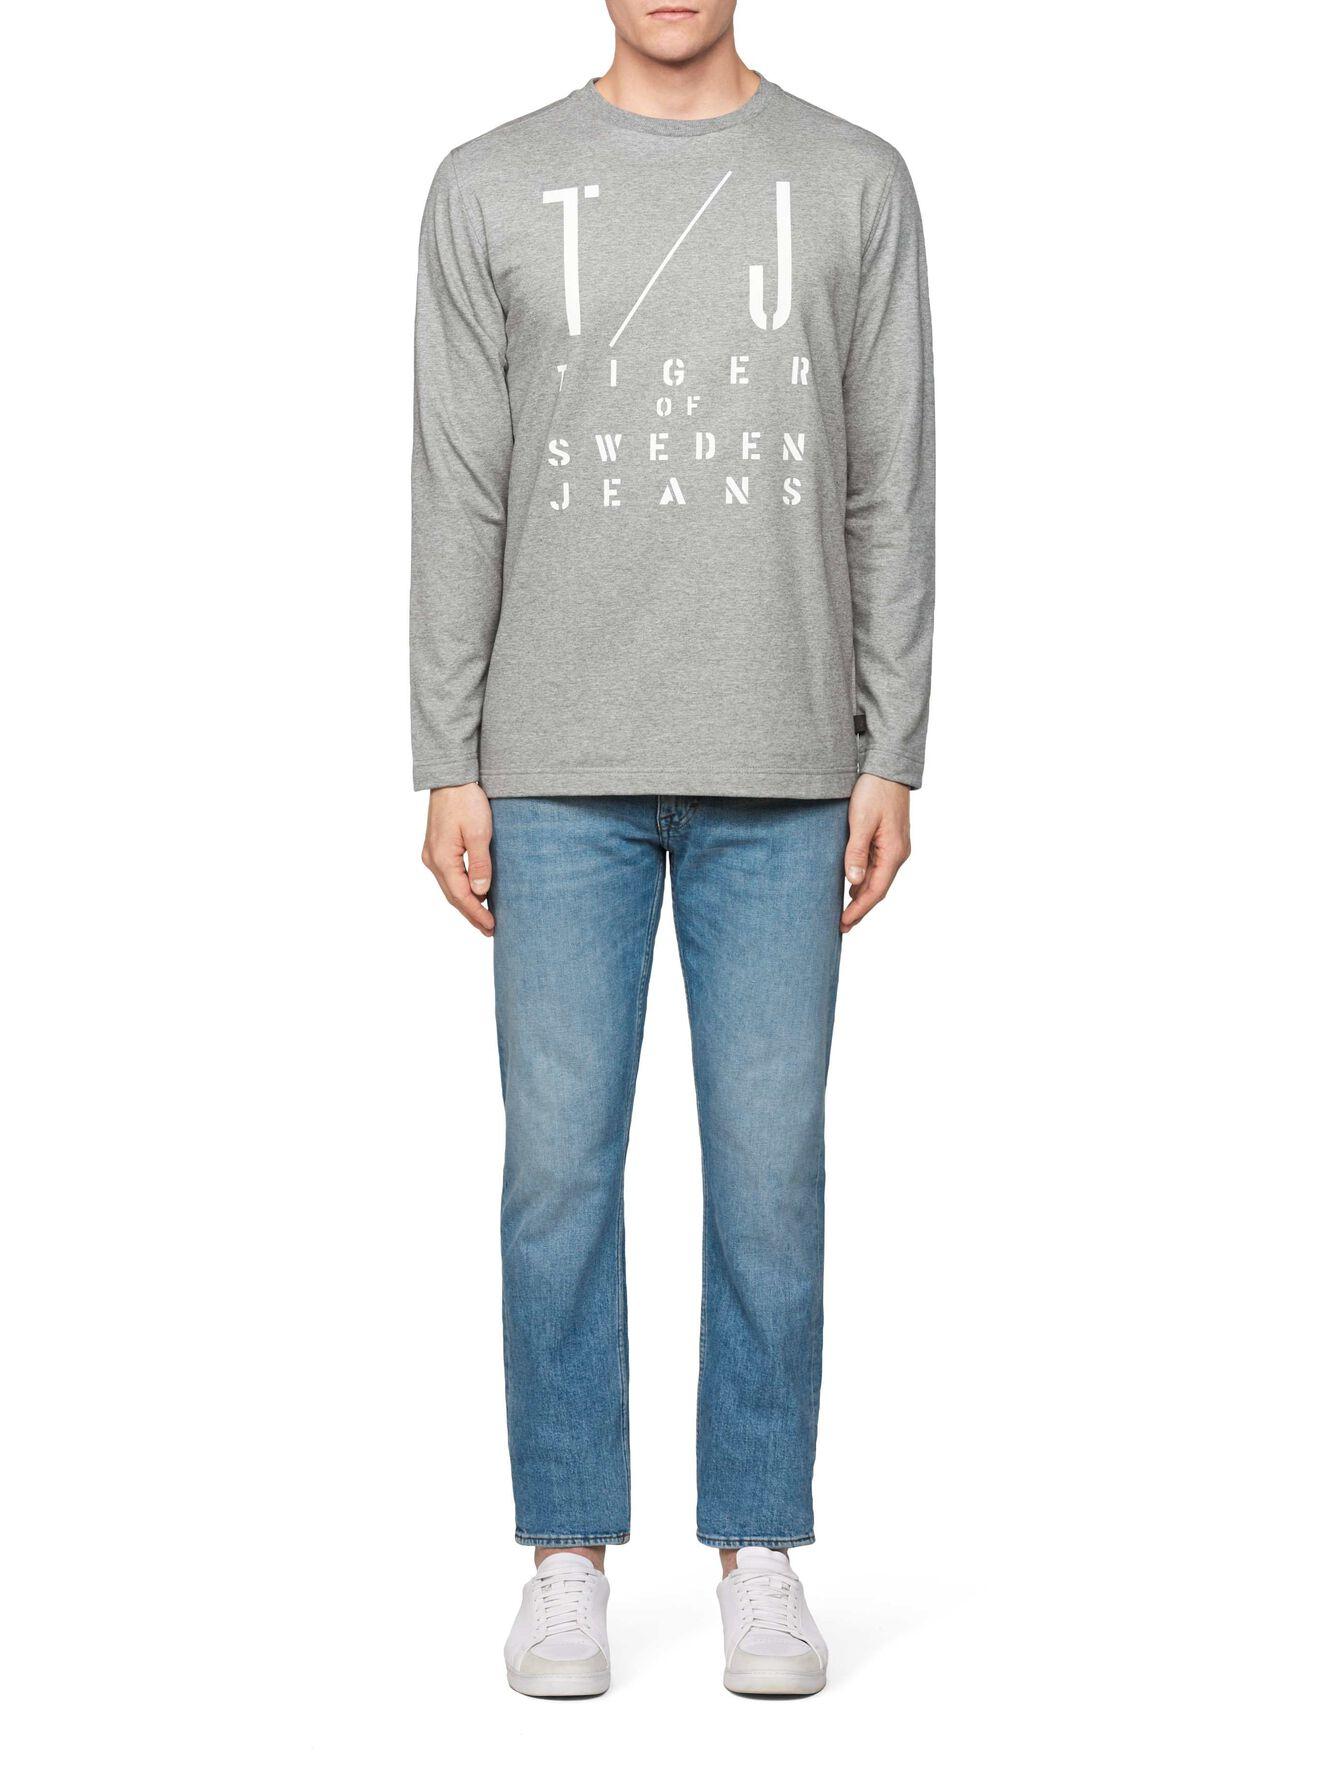 Zac Pr Sweatshirt in Grey melange from Tiger of Sweden